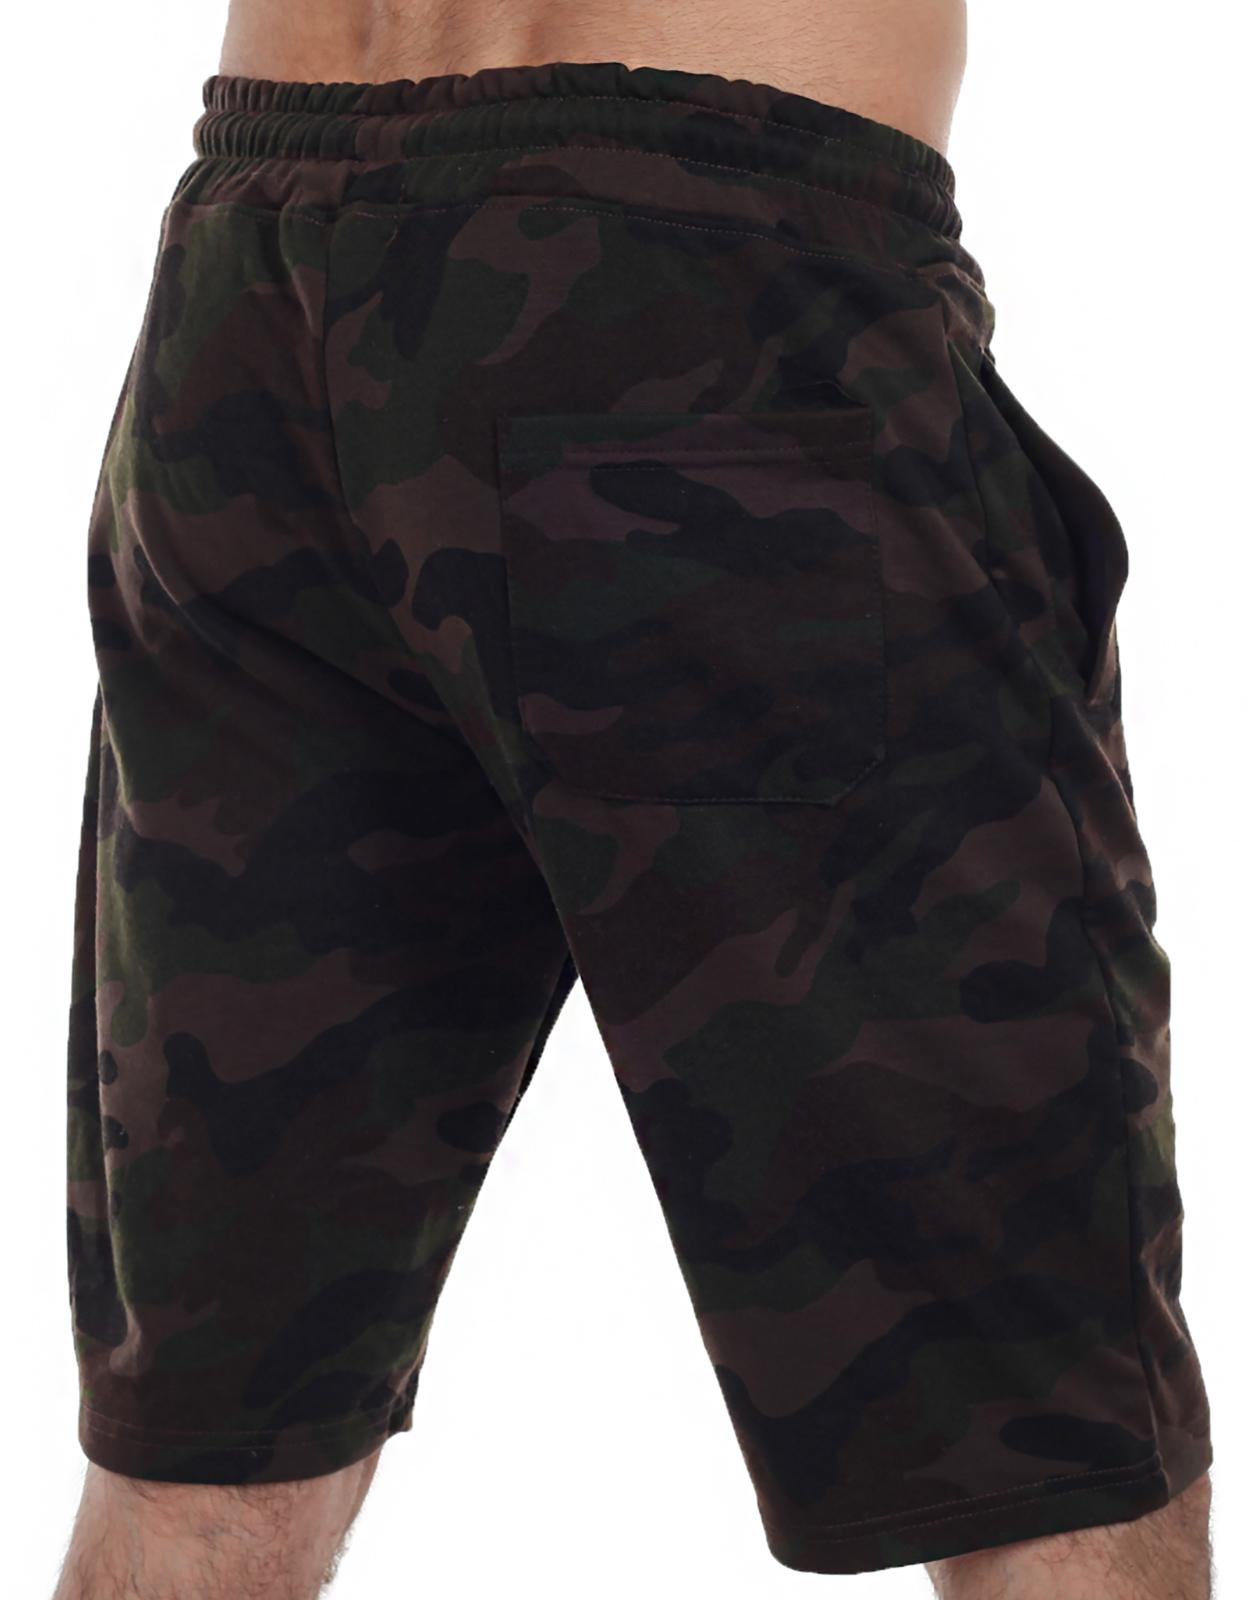 Мужские шорты ВДВ – забирай для себя и на подарки! Очень недорого!